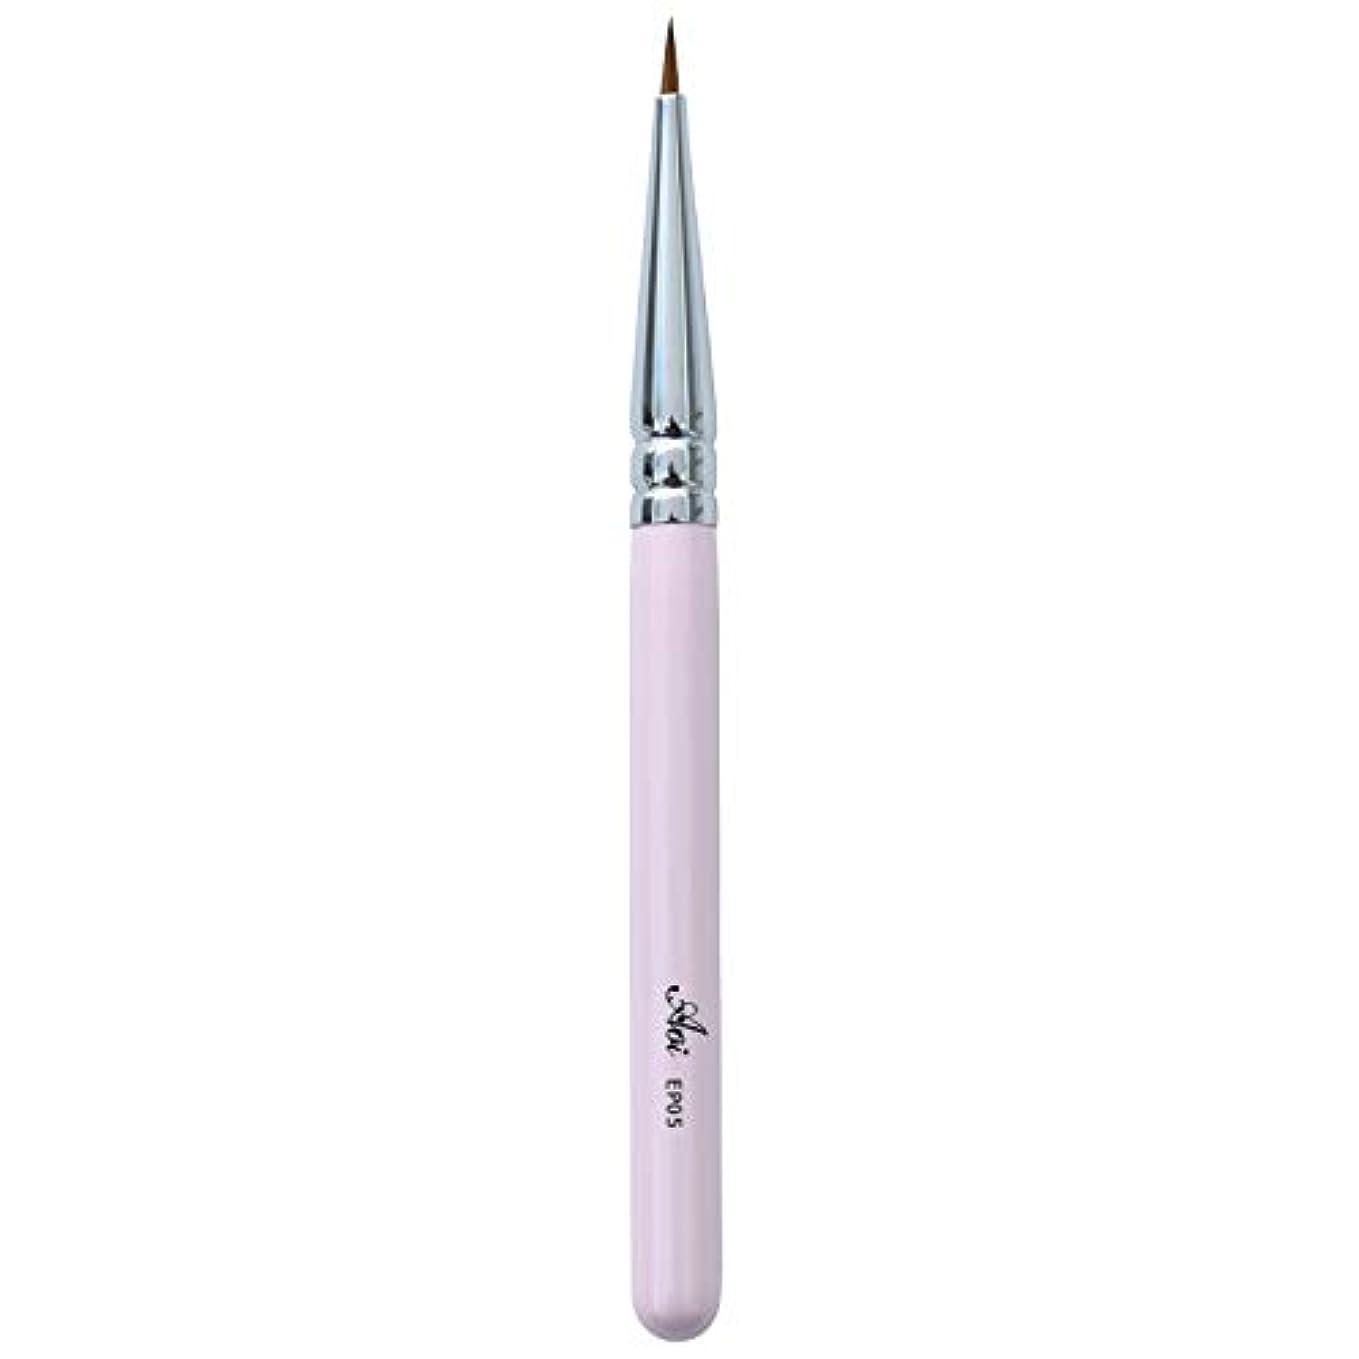 快いアジア人焼く一休園 Aoi 熊野 化粧筆 アイライナー 丸 10.6×0.7×0.7cm